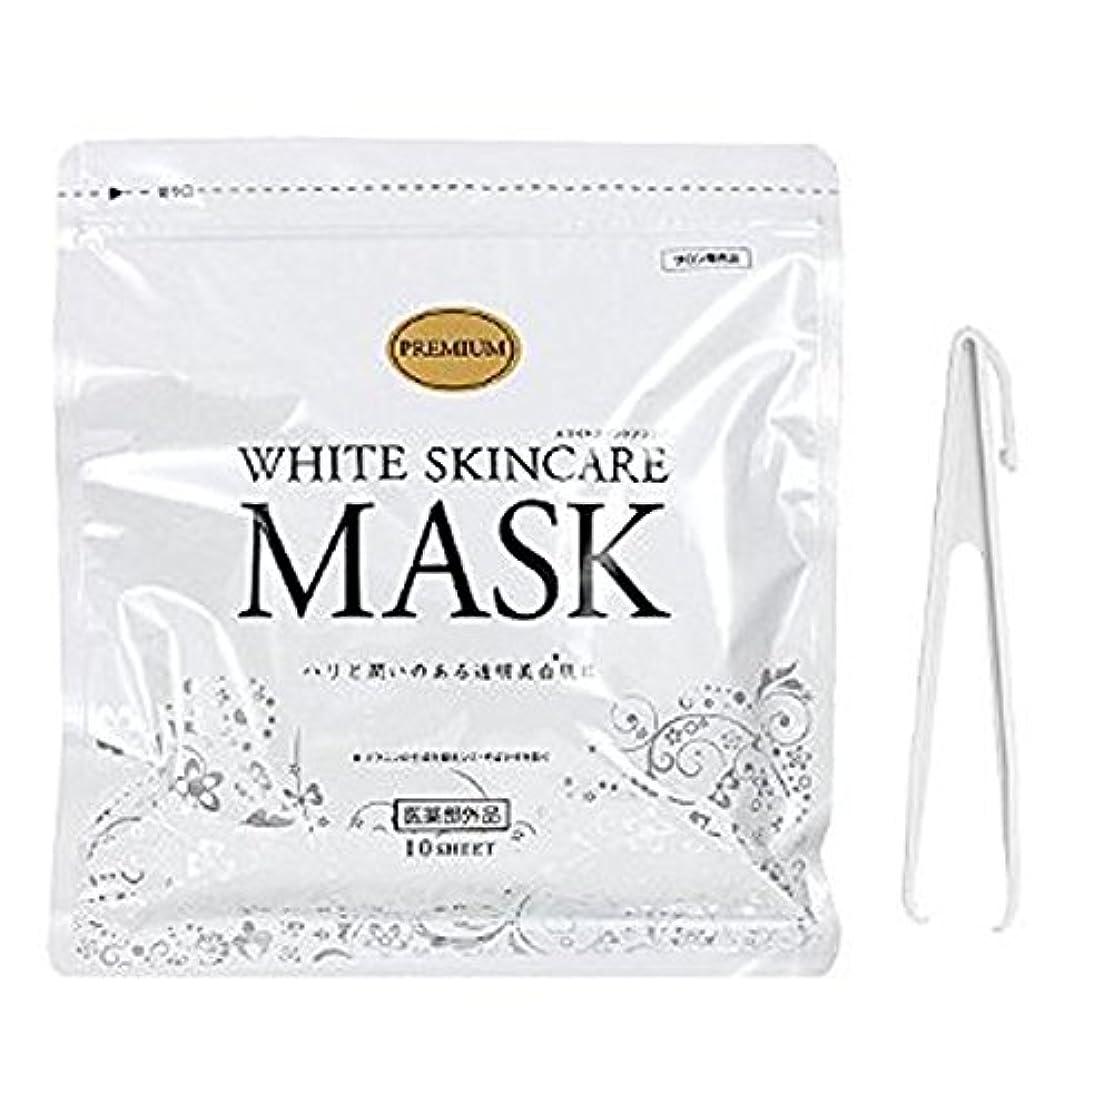 ホワイトスキンケアマスク 10枚入